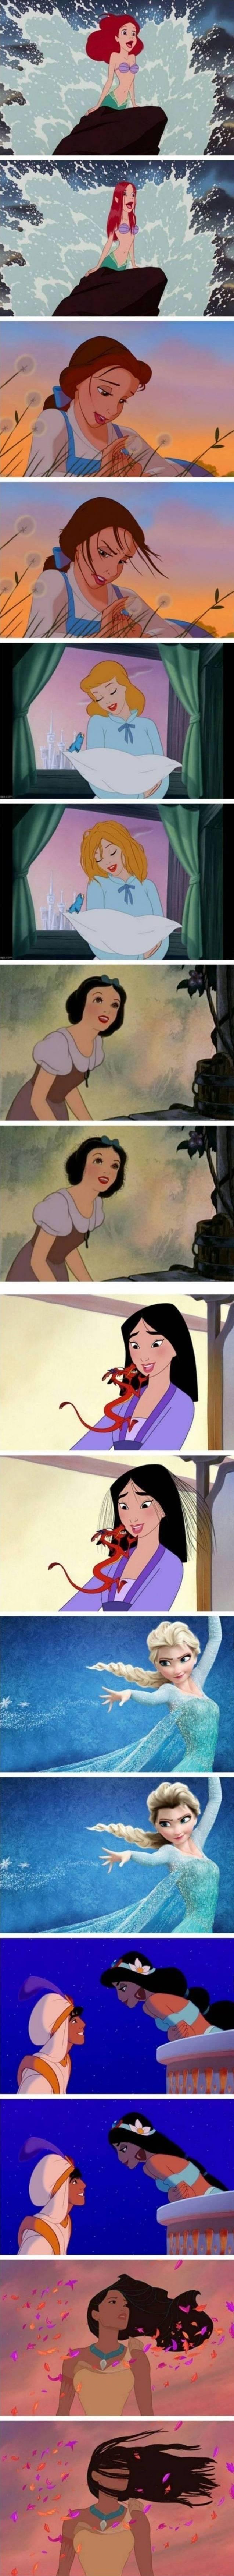 디즈니공주들 현실 헤어스타일 | 인스티즈